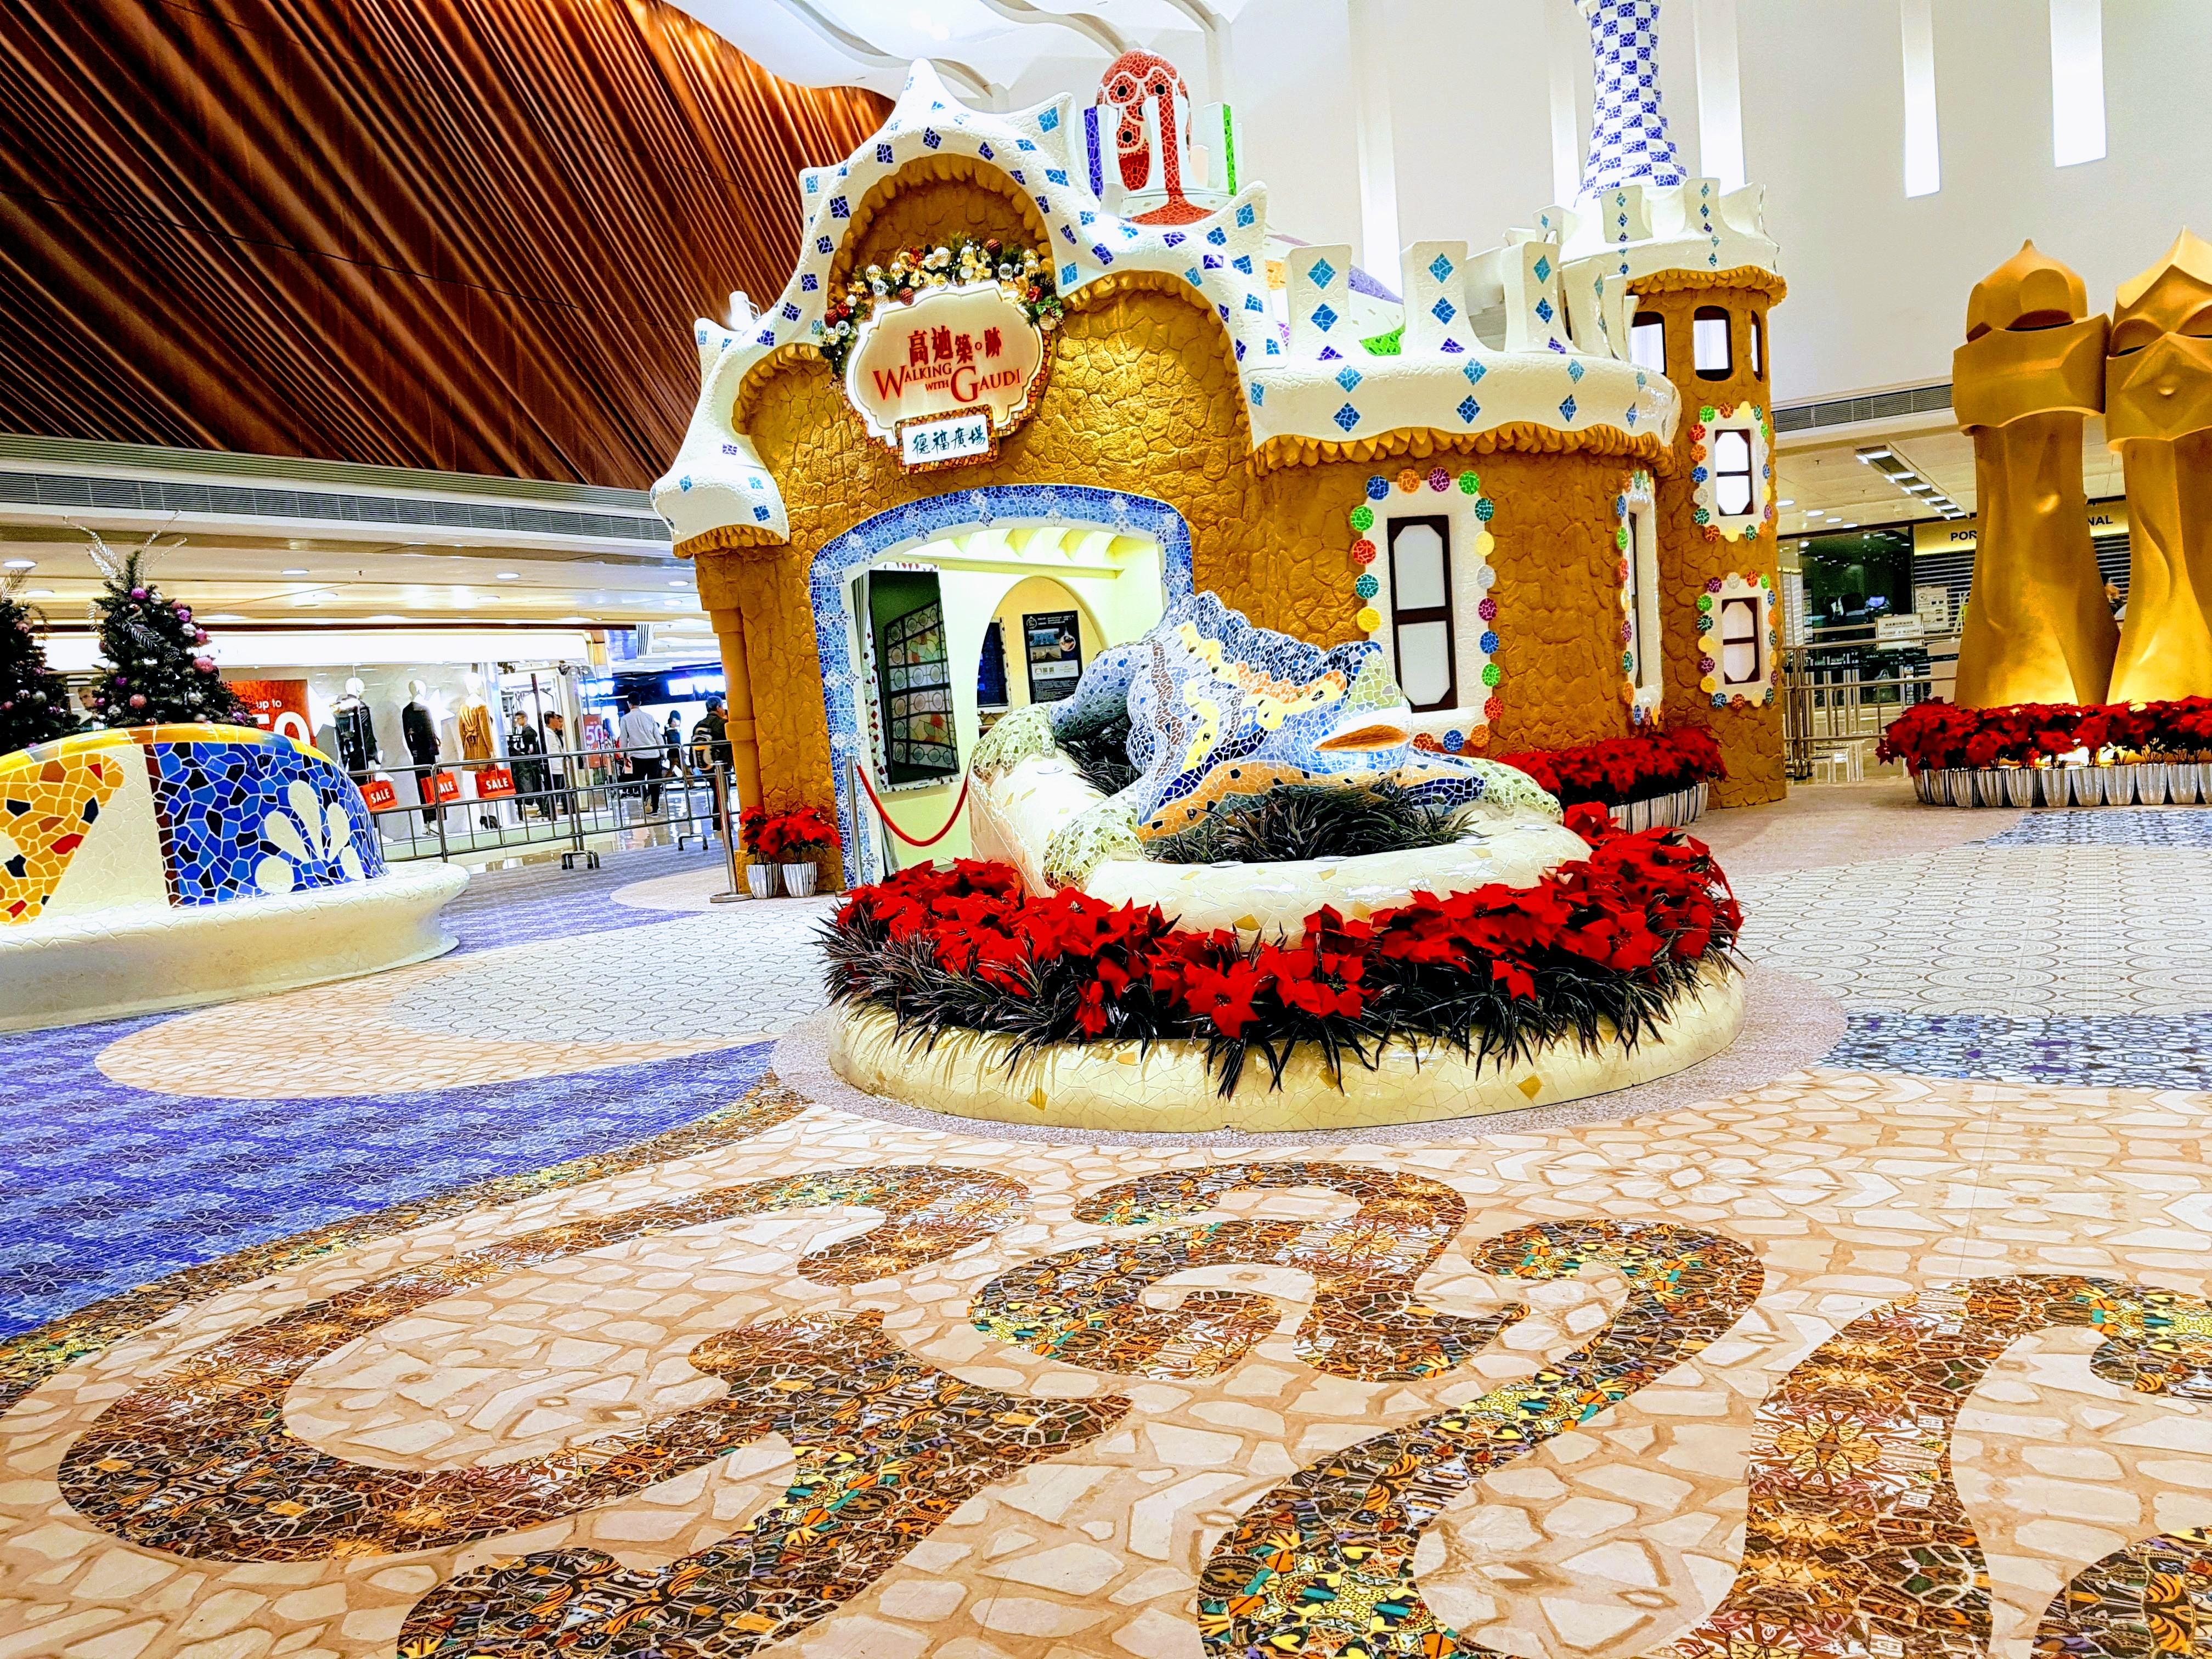 Telford Plaza - Mosaic 'Gauda' installation at Kowloon Bay